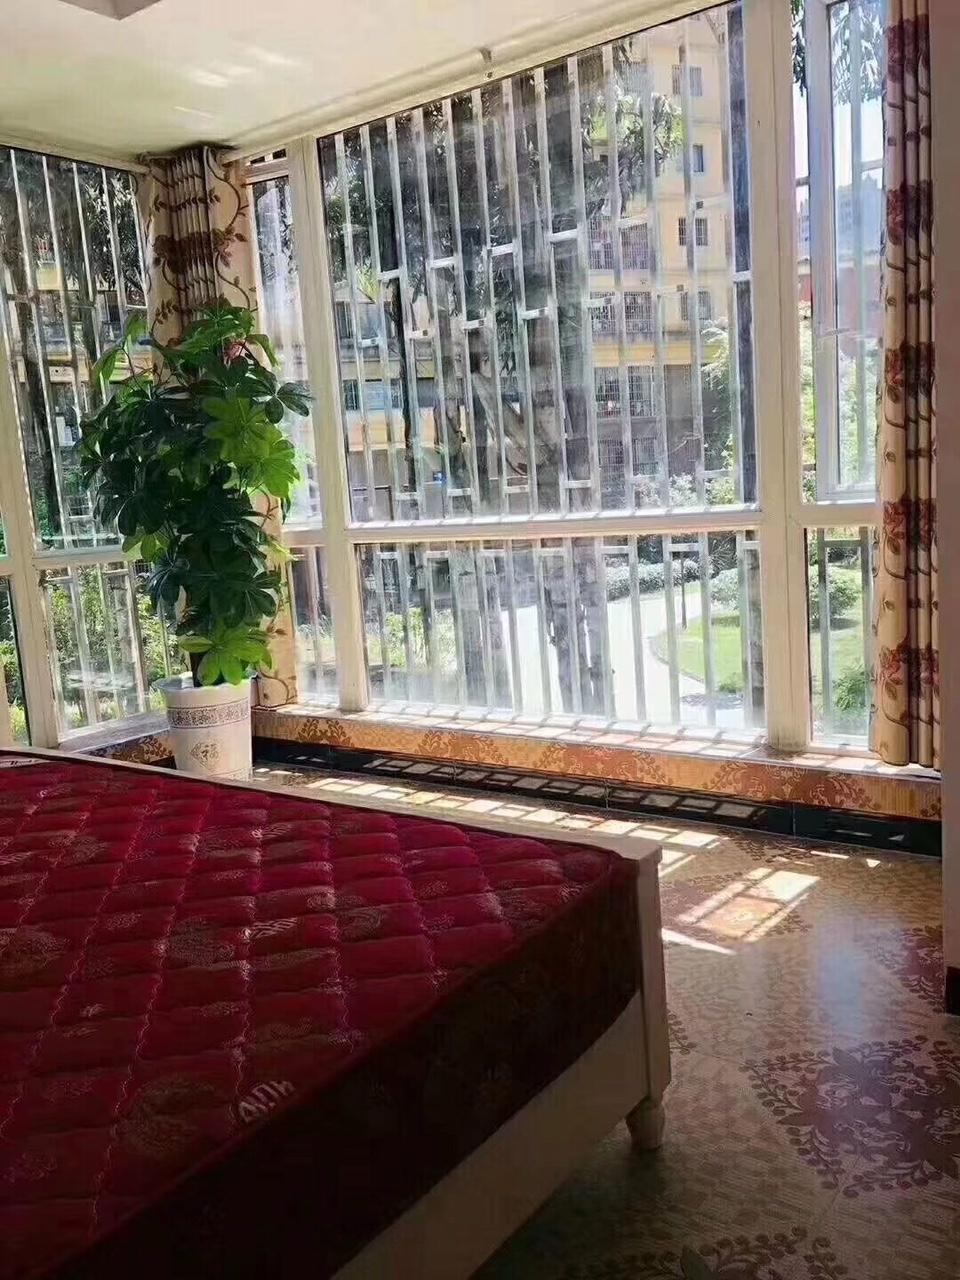 新港华府3室 2厅 1卫68.8万元精装修拎包入住